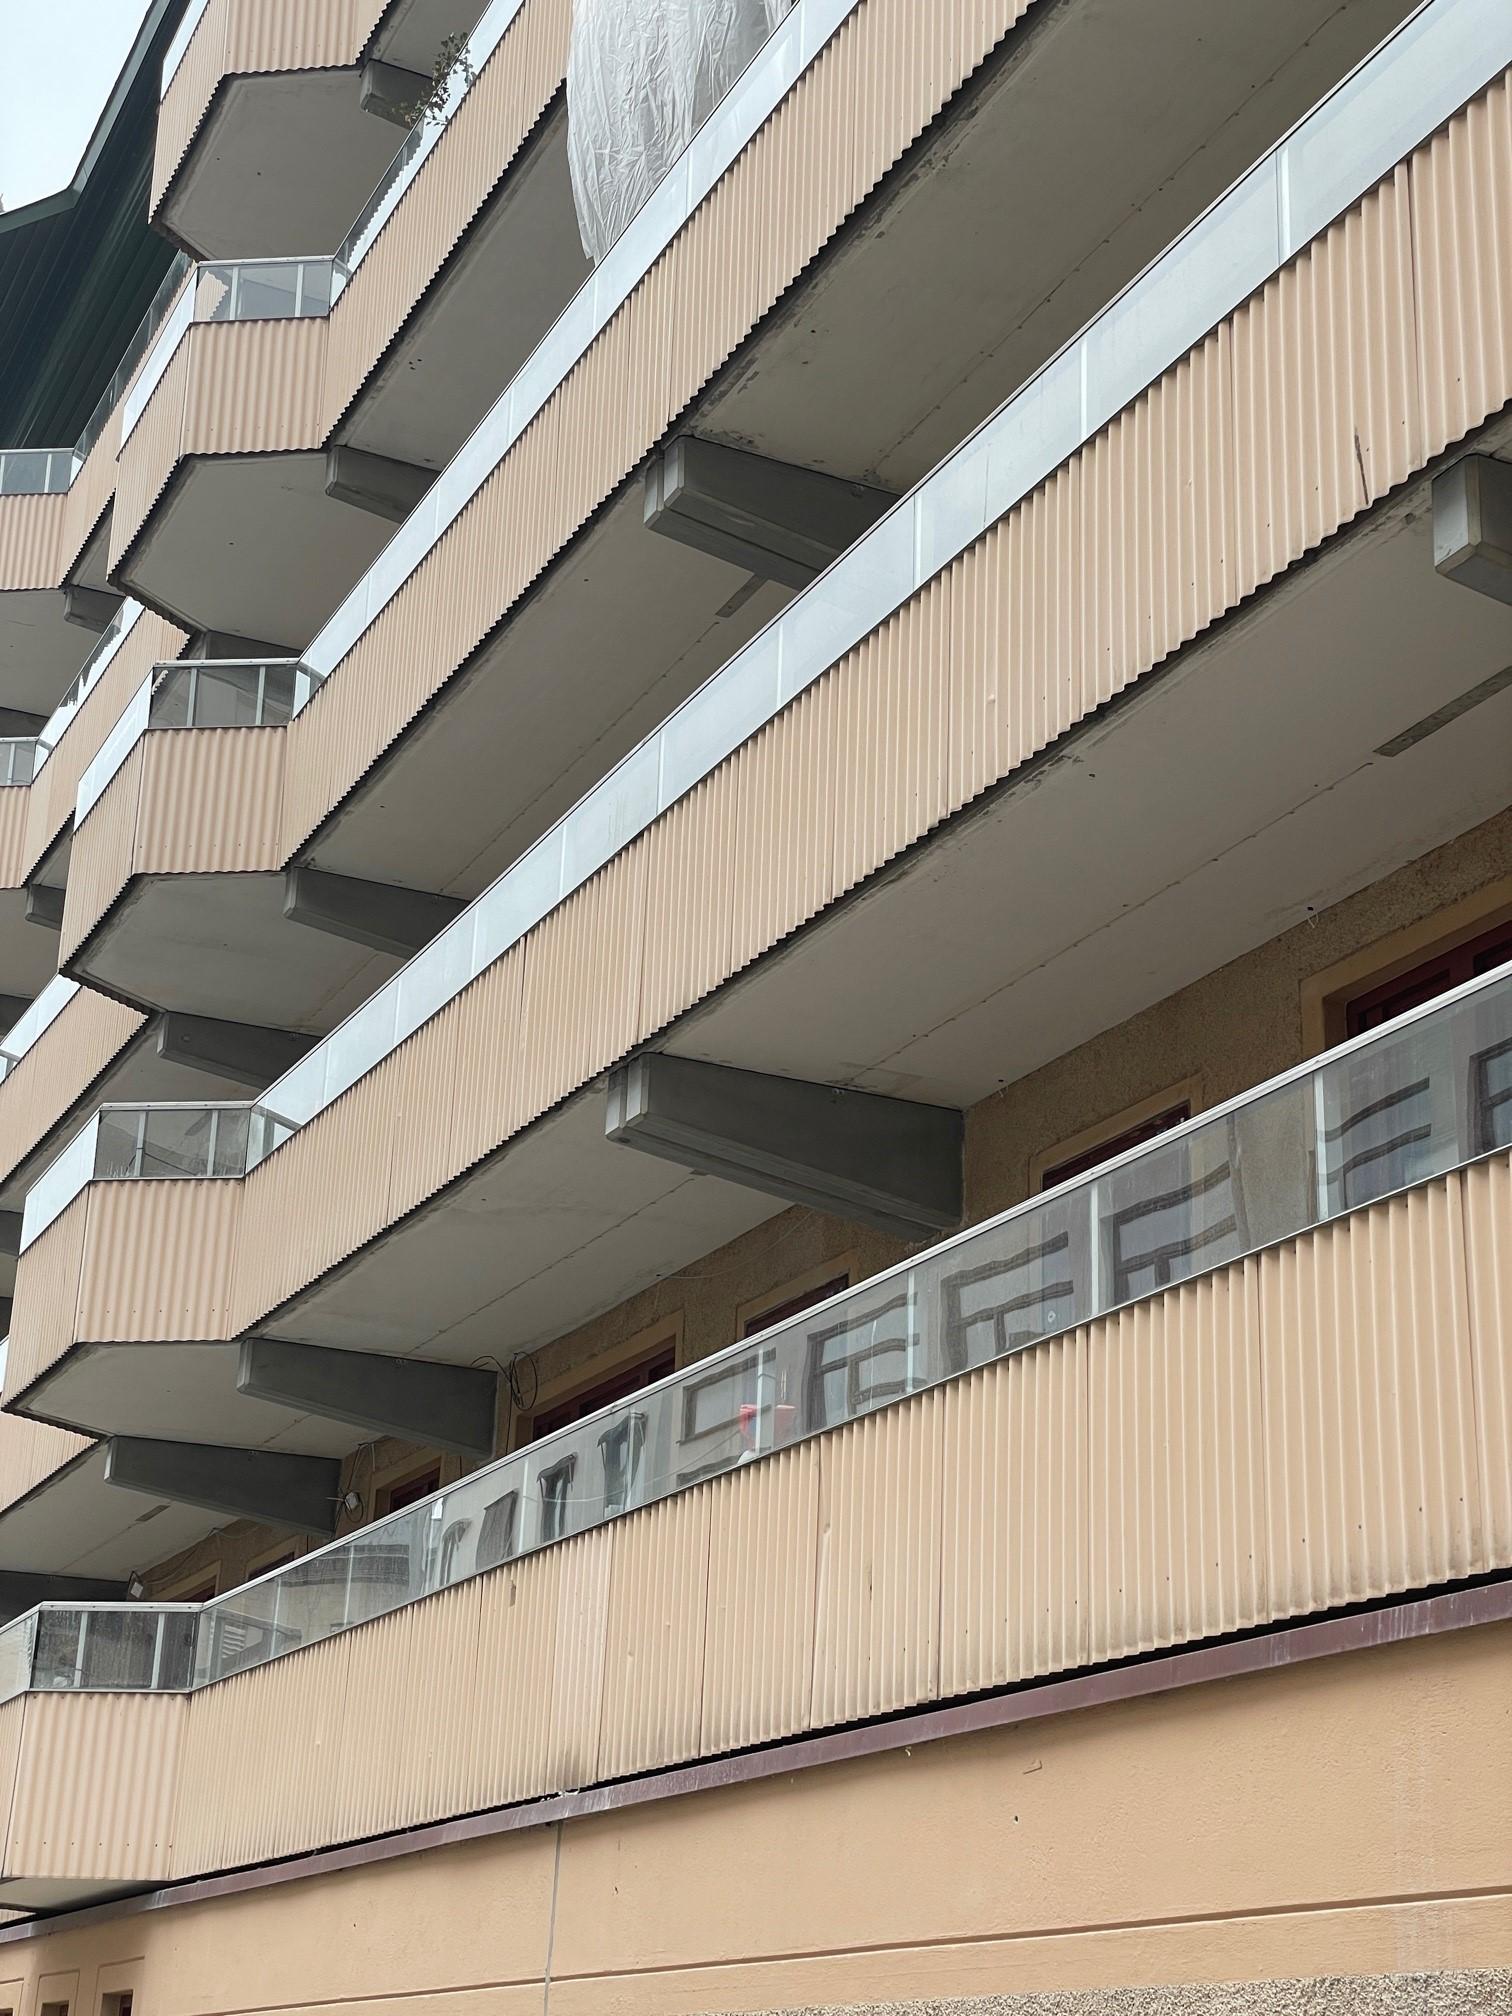 Betong, betongarbeten i Stockholm, vattenbilning, konsolrenovering, bostadsrättsförening , armering, gjutning